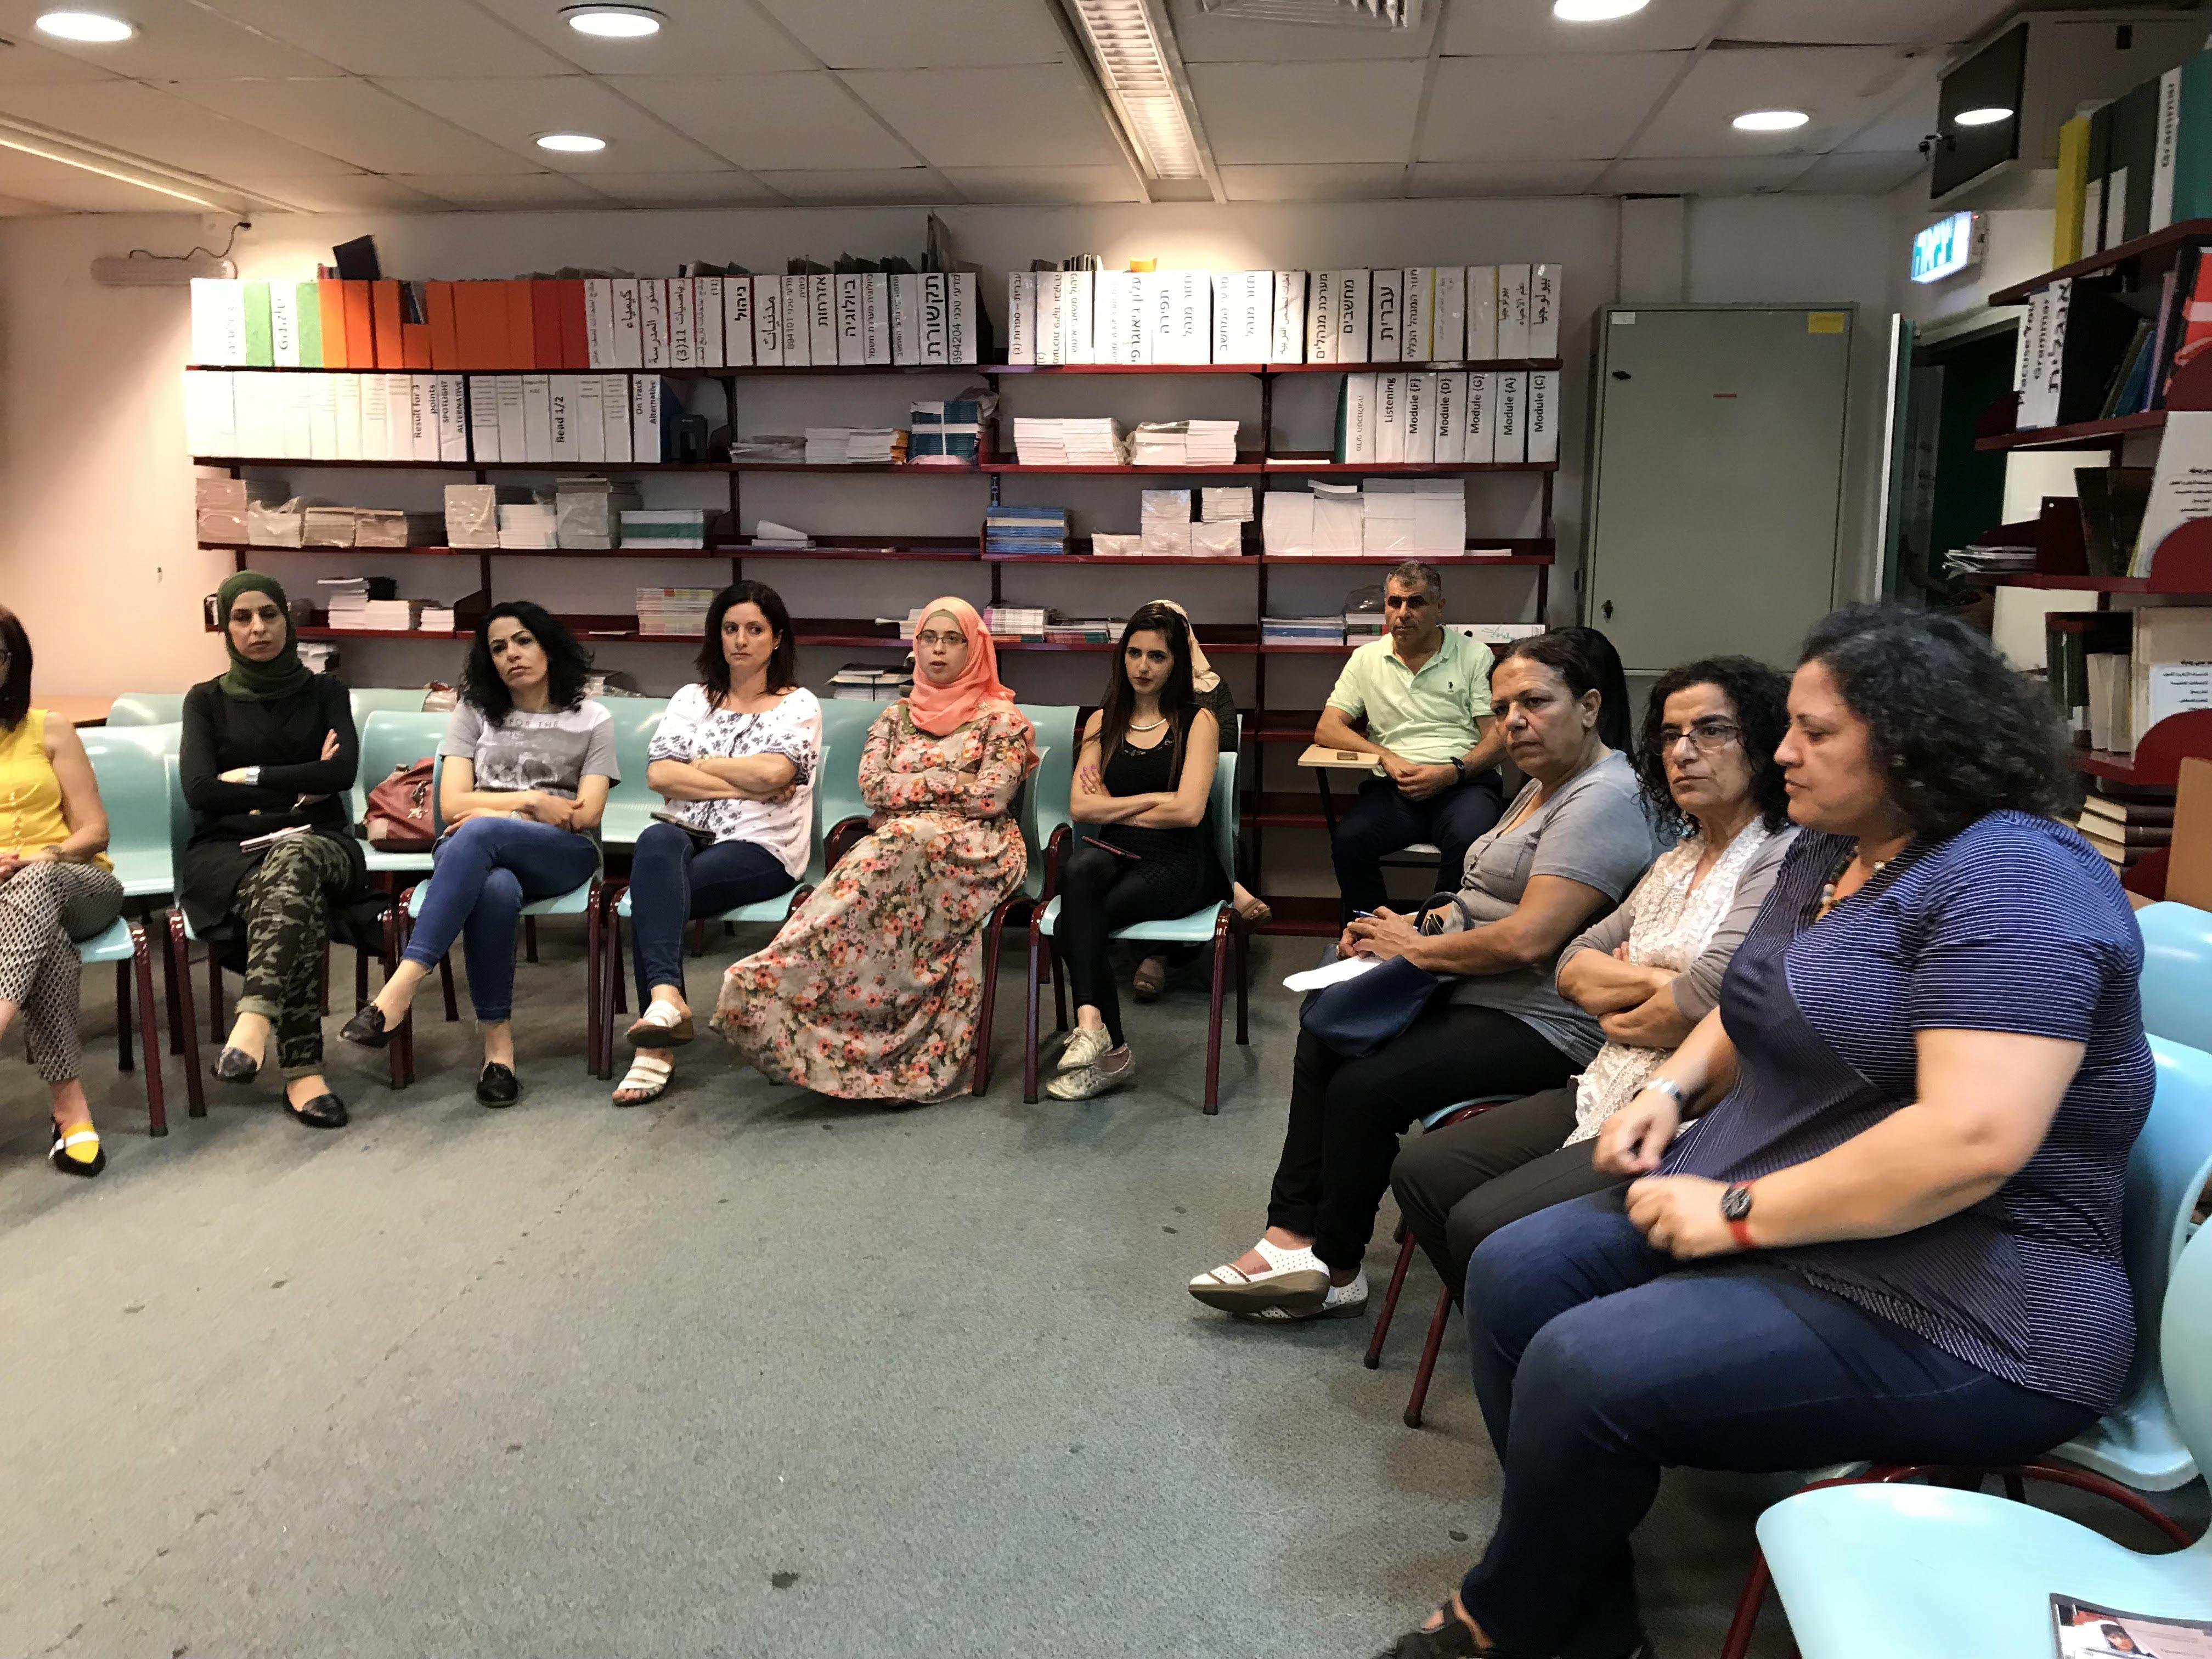 حلقة نقاش في مدرسة المتنبي في حيفا حول ظاهرة تزويج الطفلات